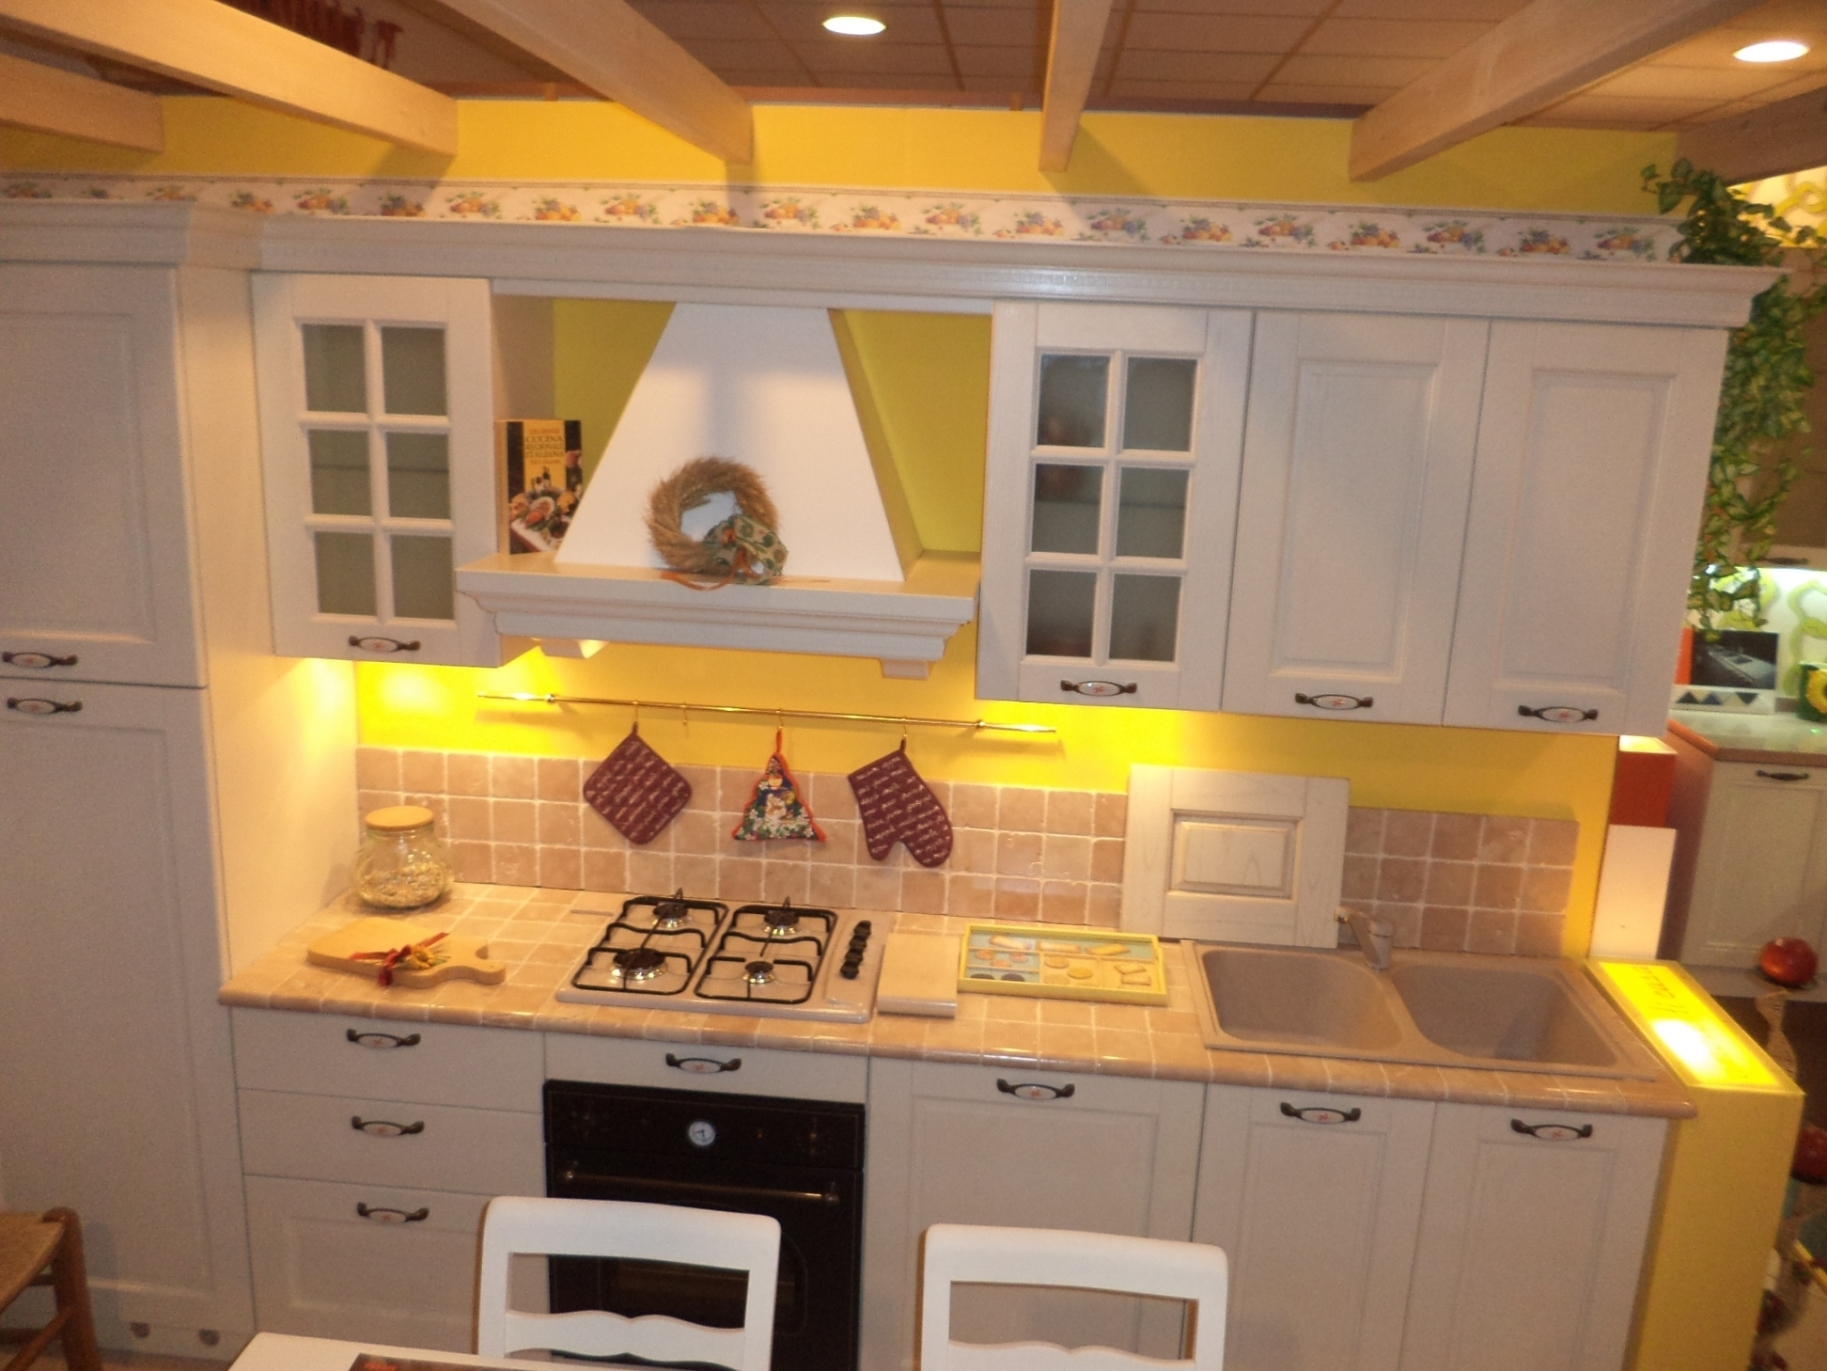 Lampadario da cucina - Ikea mobili cucina dispensa ...